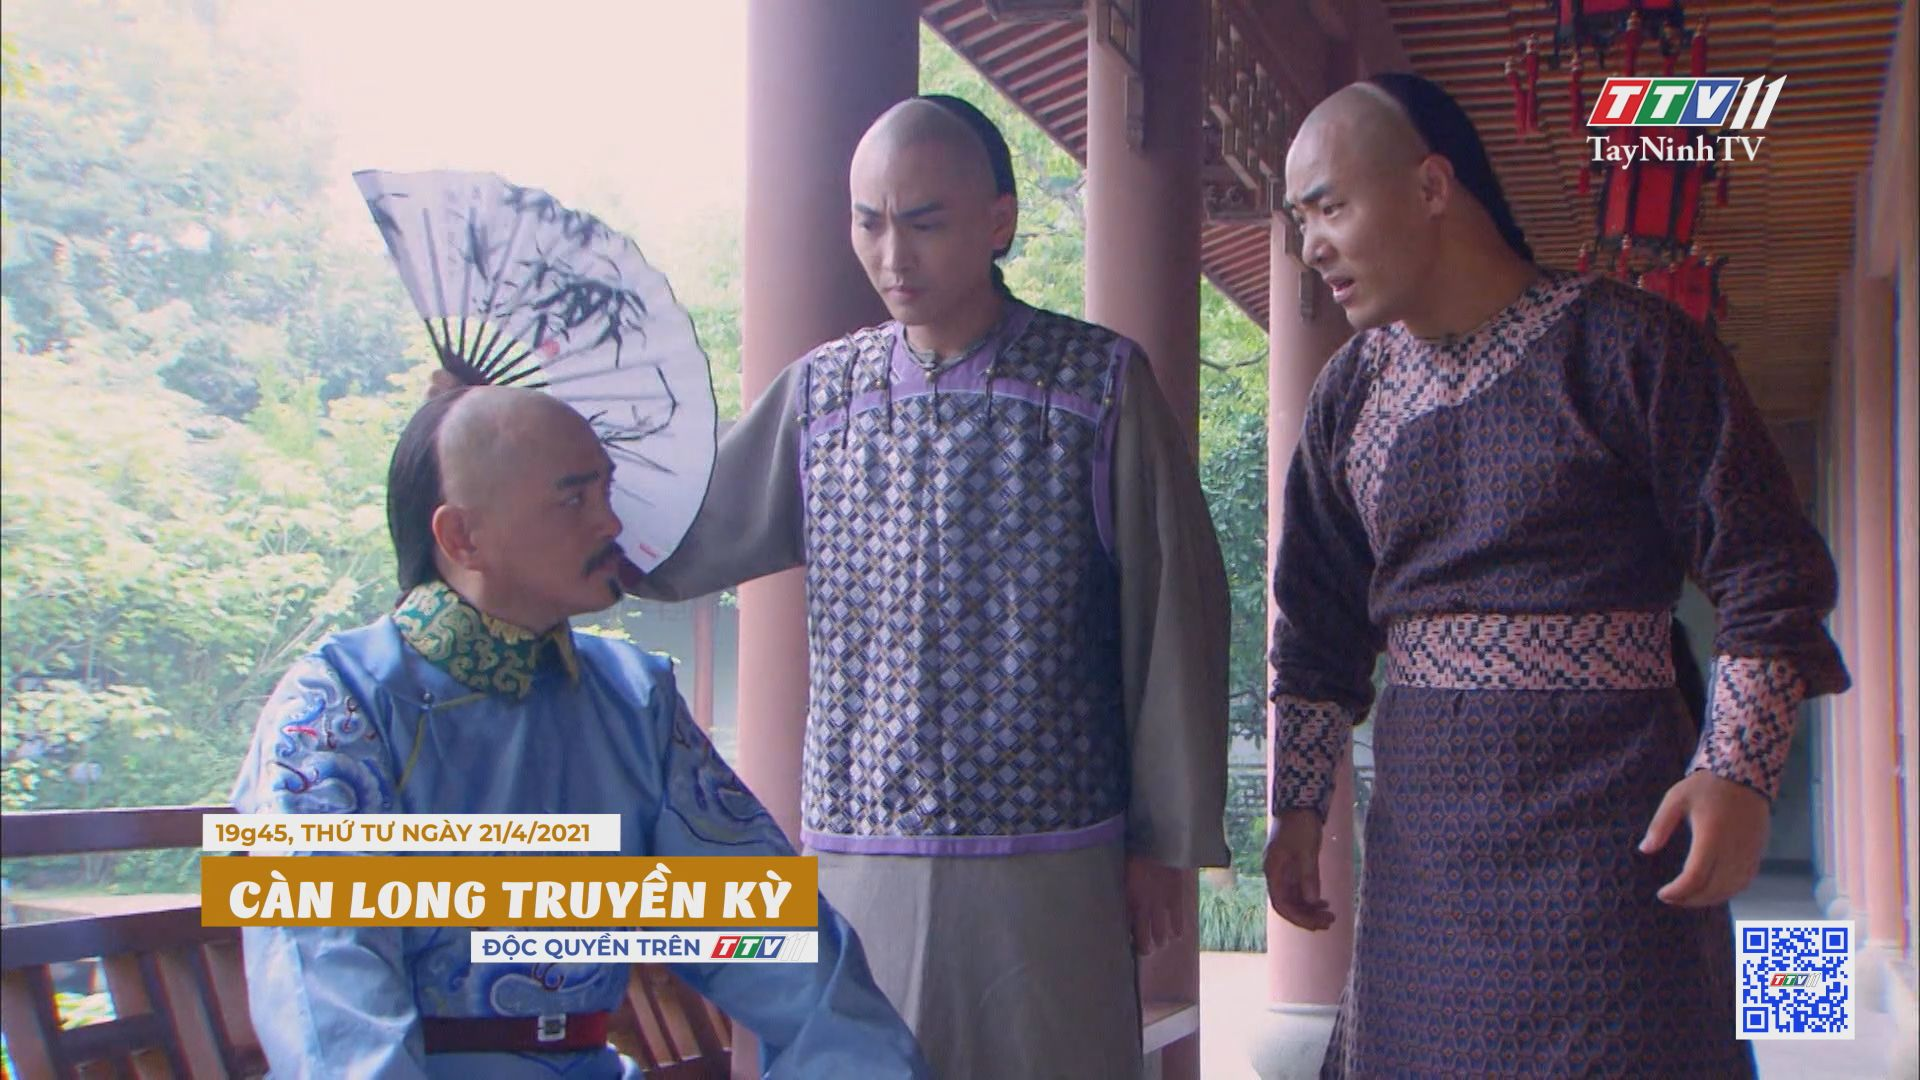 Càn Long truyền kỳ-Trailer tập 4 | PHIM CÀN LONG TRUYỀN KỲ | TayNinhTVE